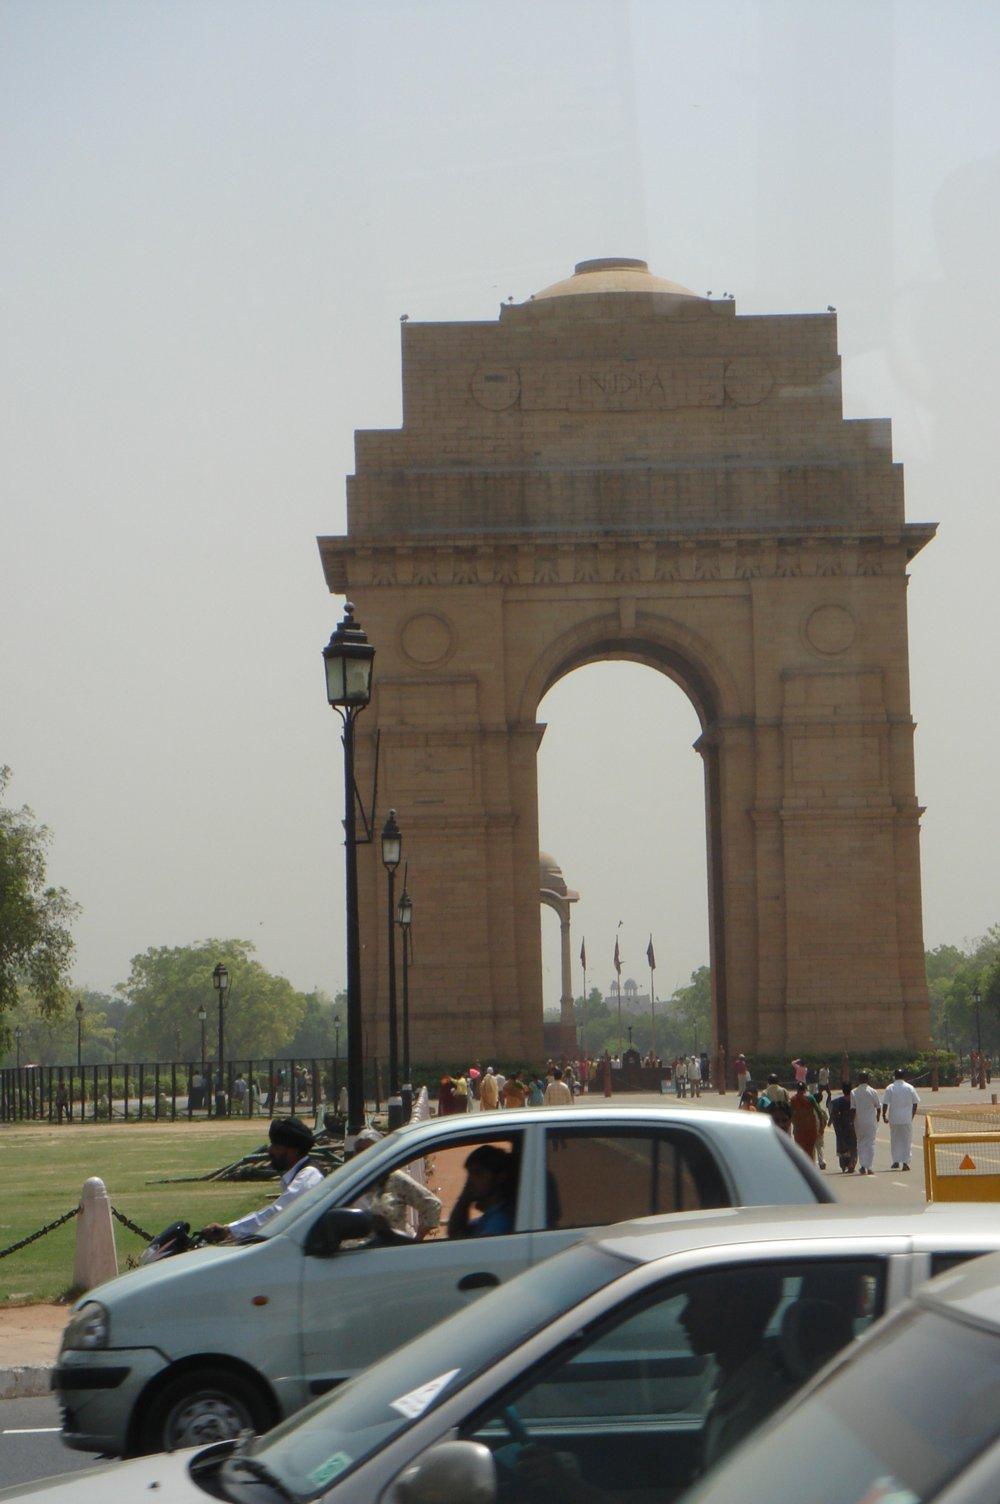 Портата на Индия : арка в памет на войниците загинали през Първата световна война